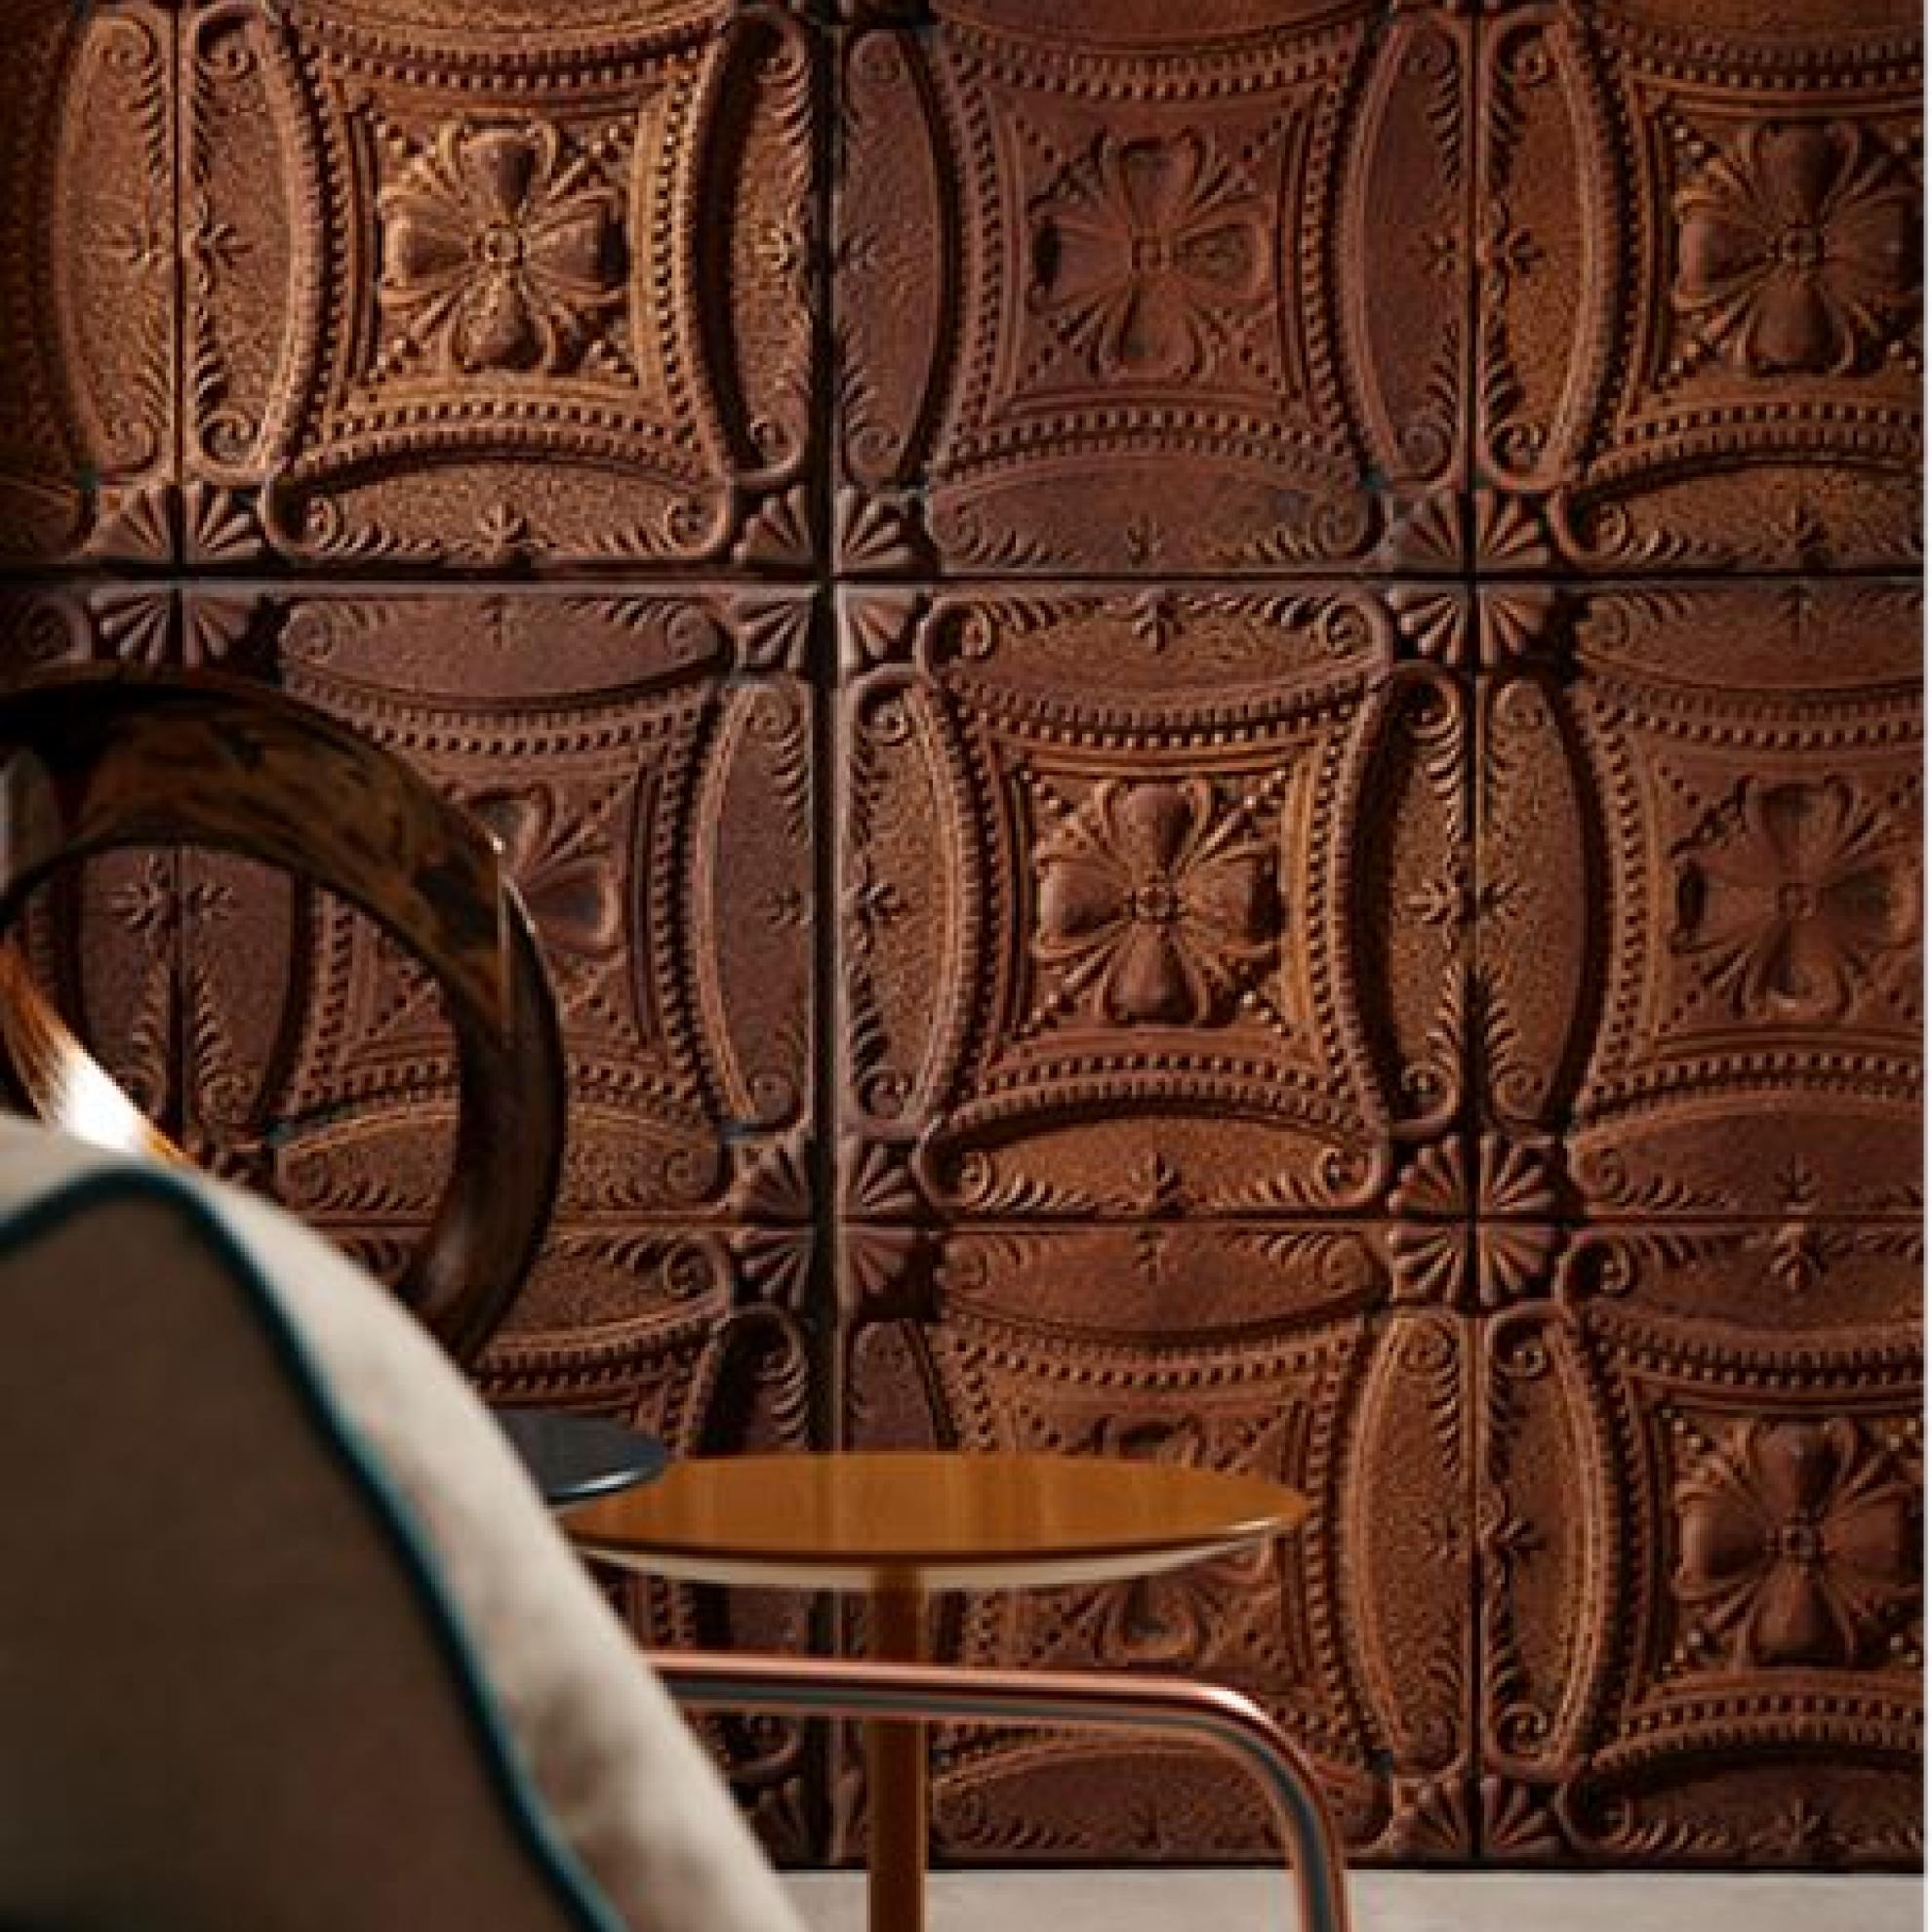 Vintage Wandverkleidung: XSTEIN Vintage Chantilly Wandverkleidung. Vintage